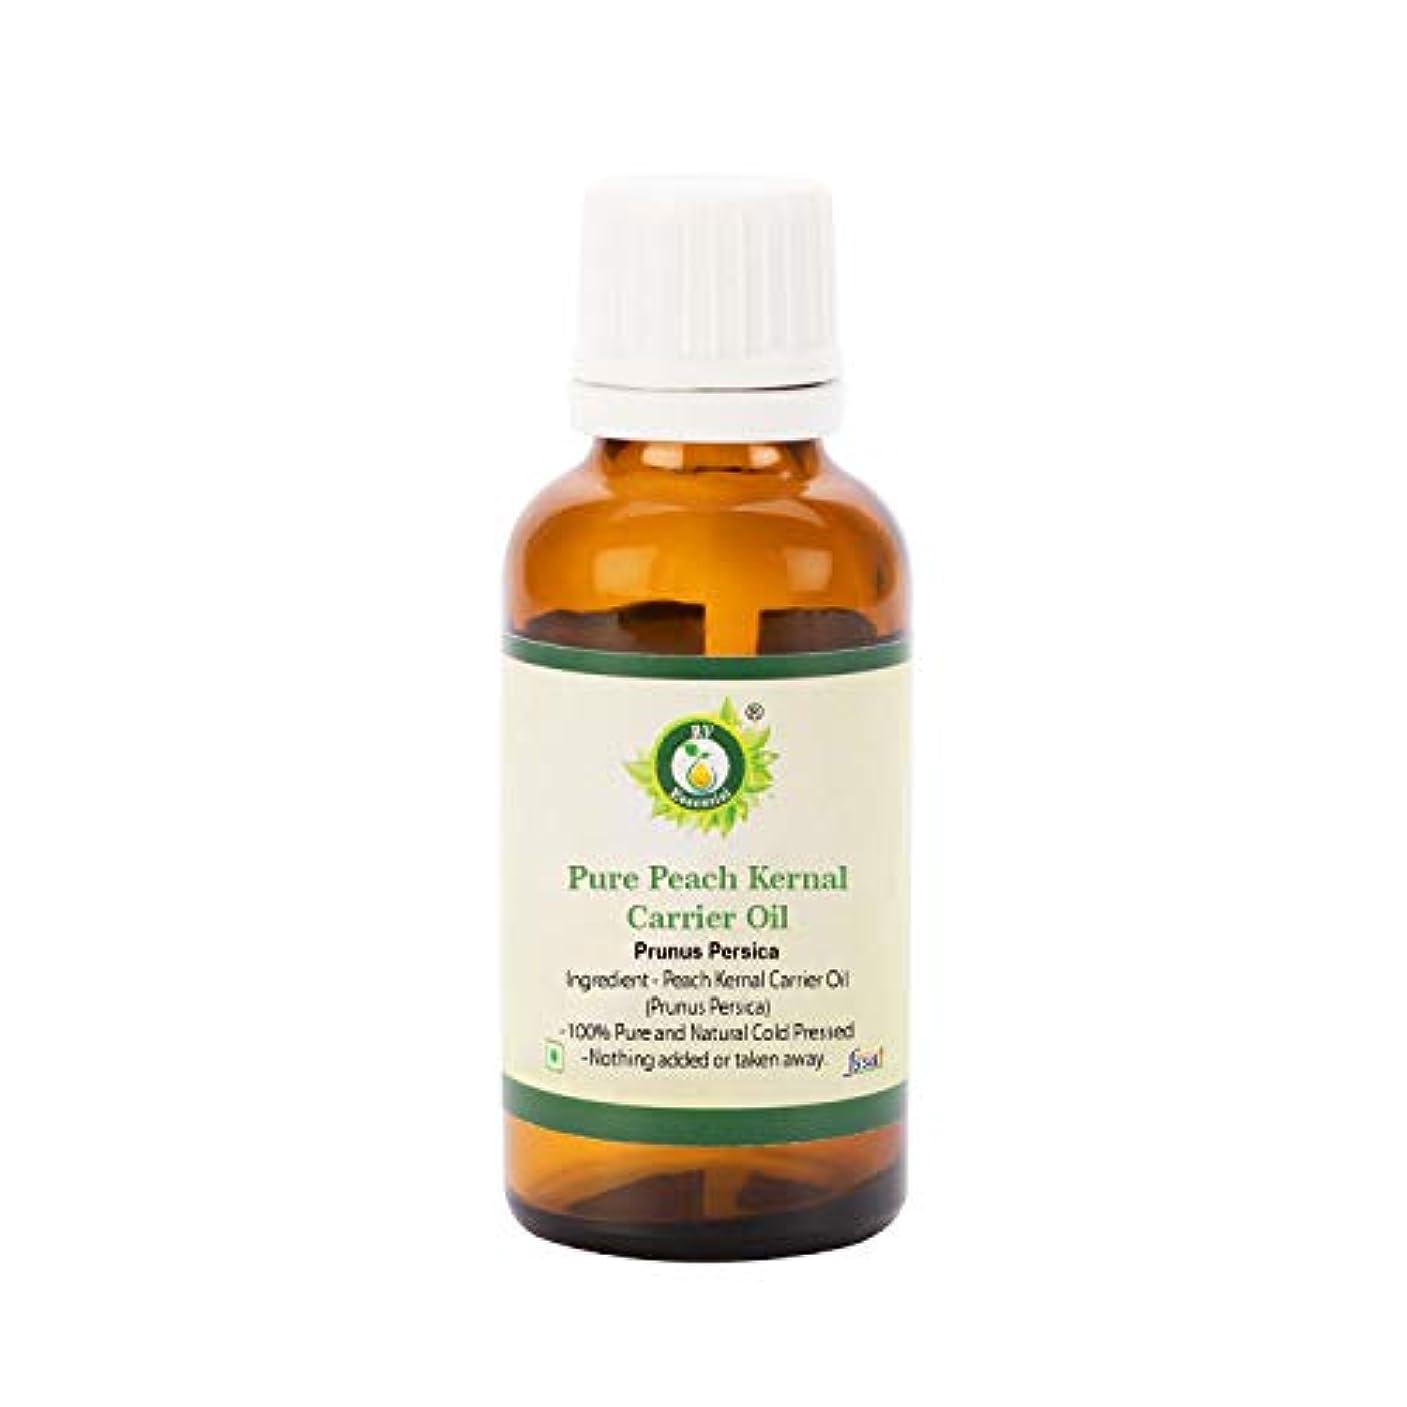 タップ球体流行しているR V Essential ピュアピーチ Kernalキャリアオイル5ml (0.169oz)- Prunus Persica (100%ピュア&ナチュラルコールドPressed) Pure Peach Kernal Carrier Oil